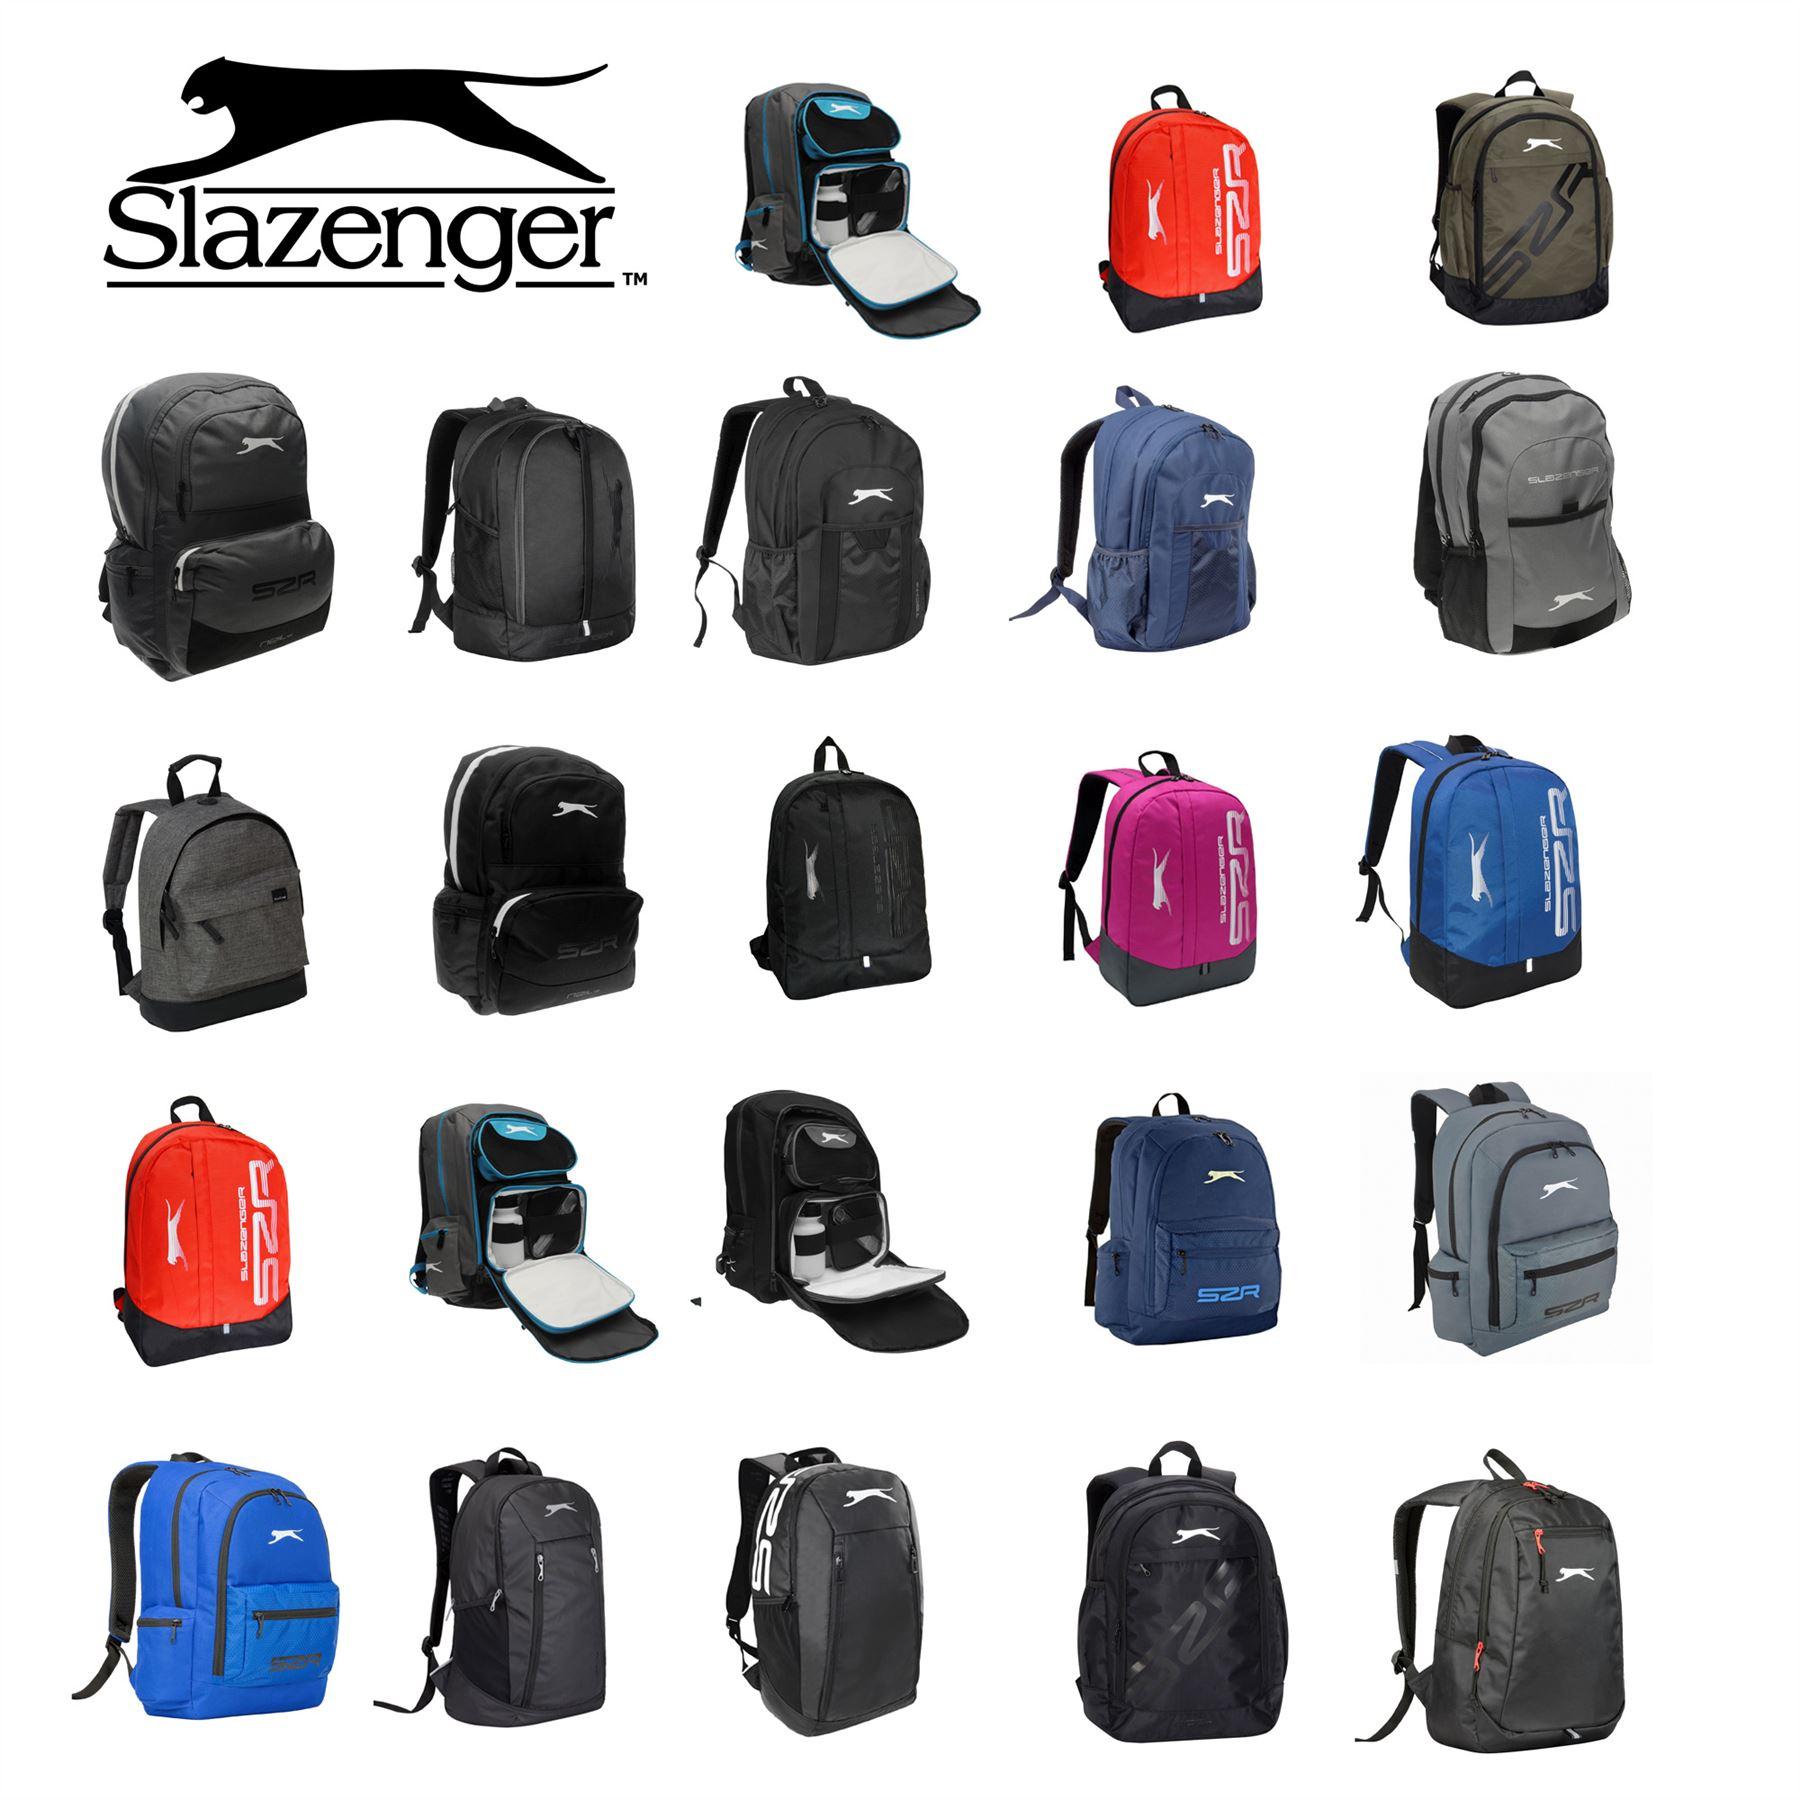 341820cfa7 Details about Slazenger Backpacks Rucksack Backpack Bag Daypack